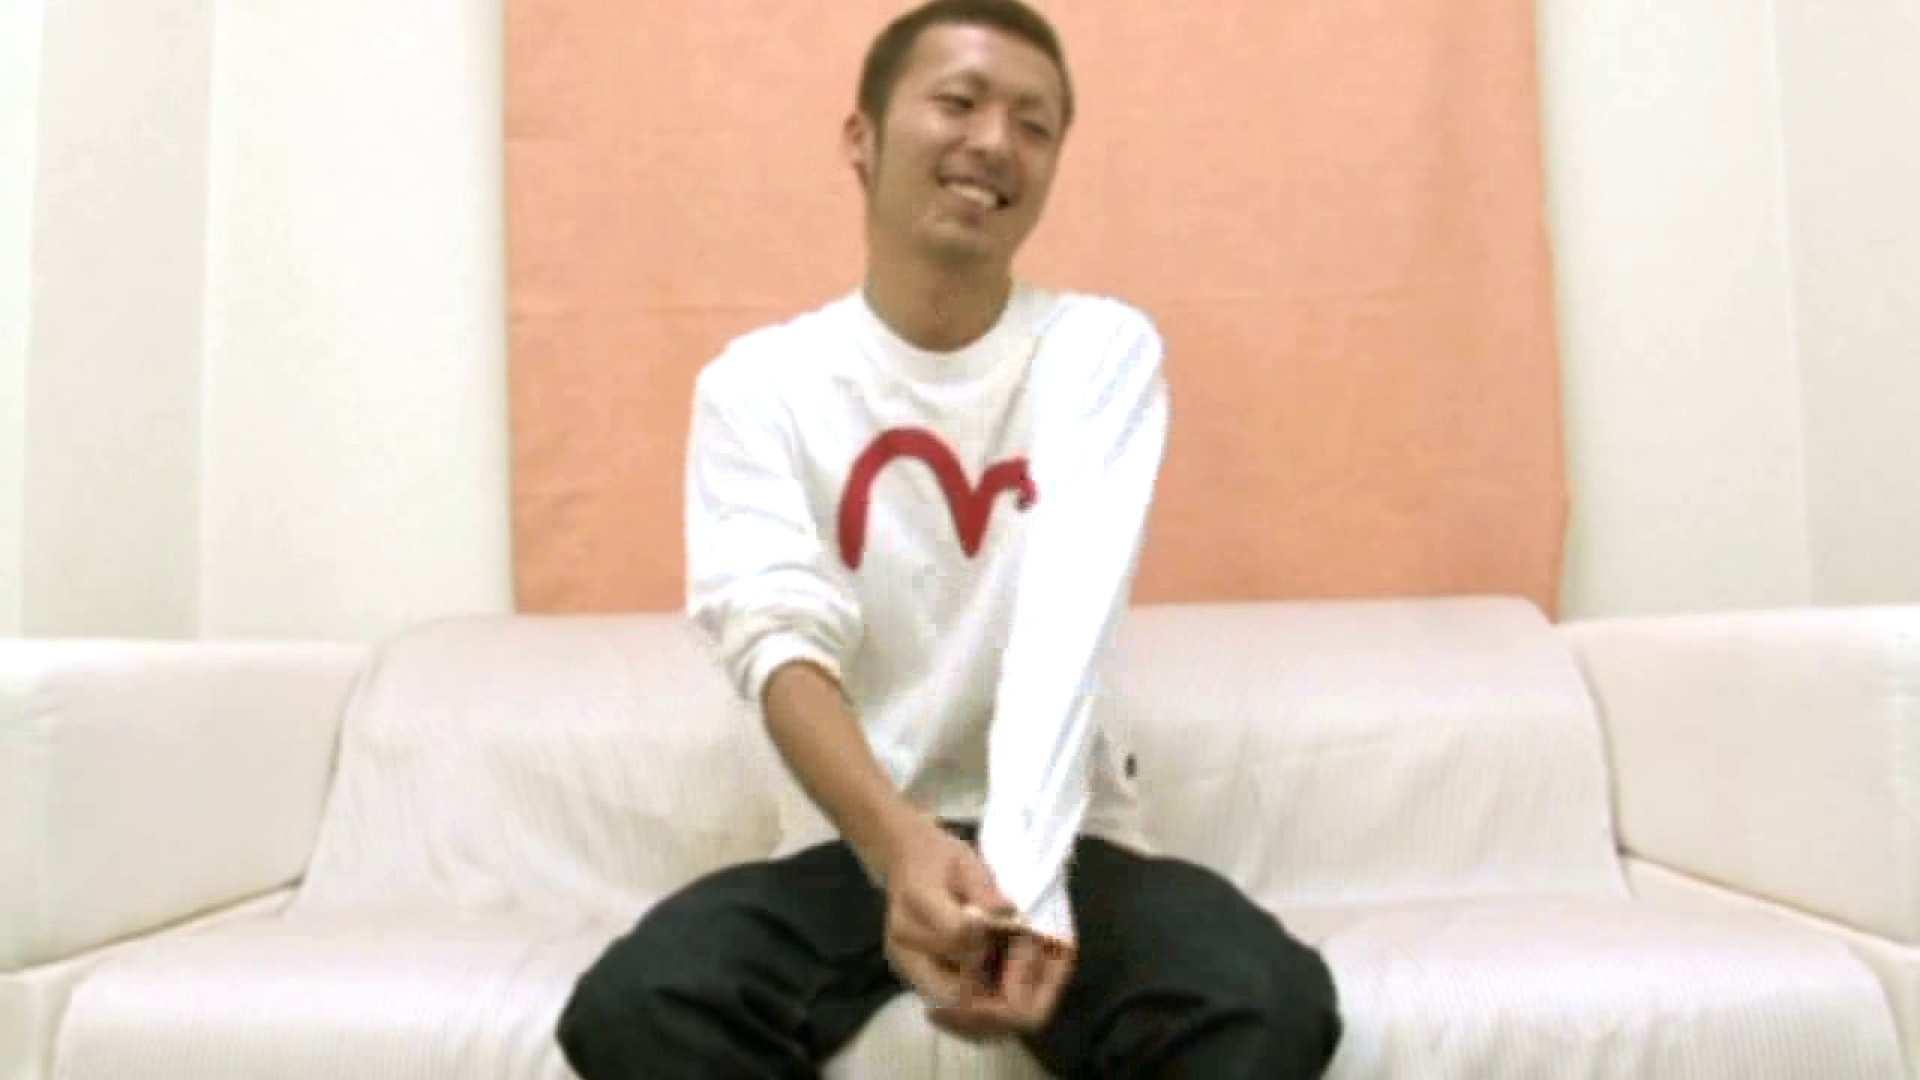 ノンケ!自慰スタジオ No.11 自慰 男同士画像 59画像 26